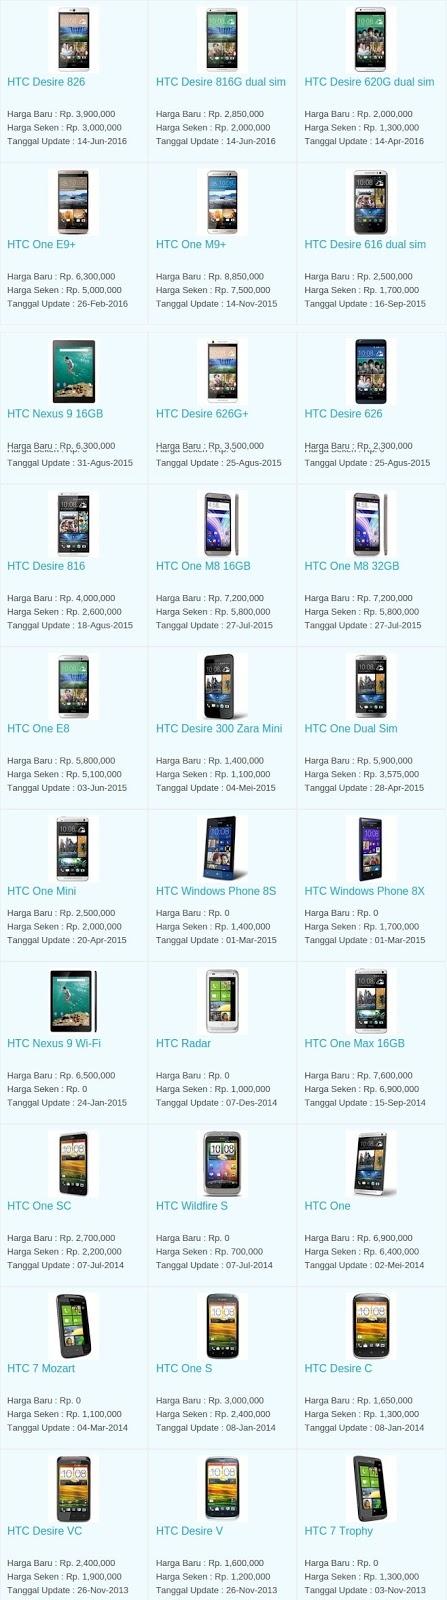 Daftar Harga Hp Terbaru HTC Juli 2016